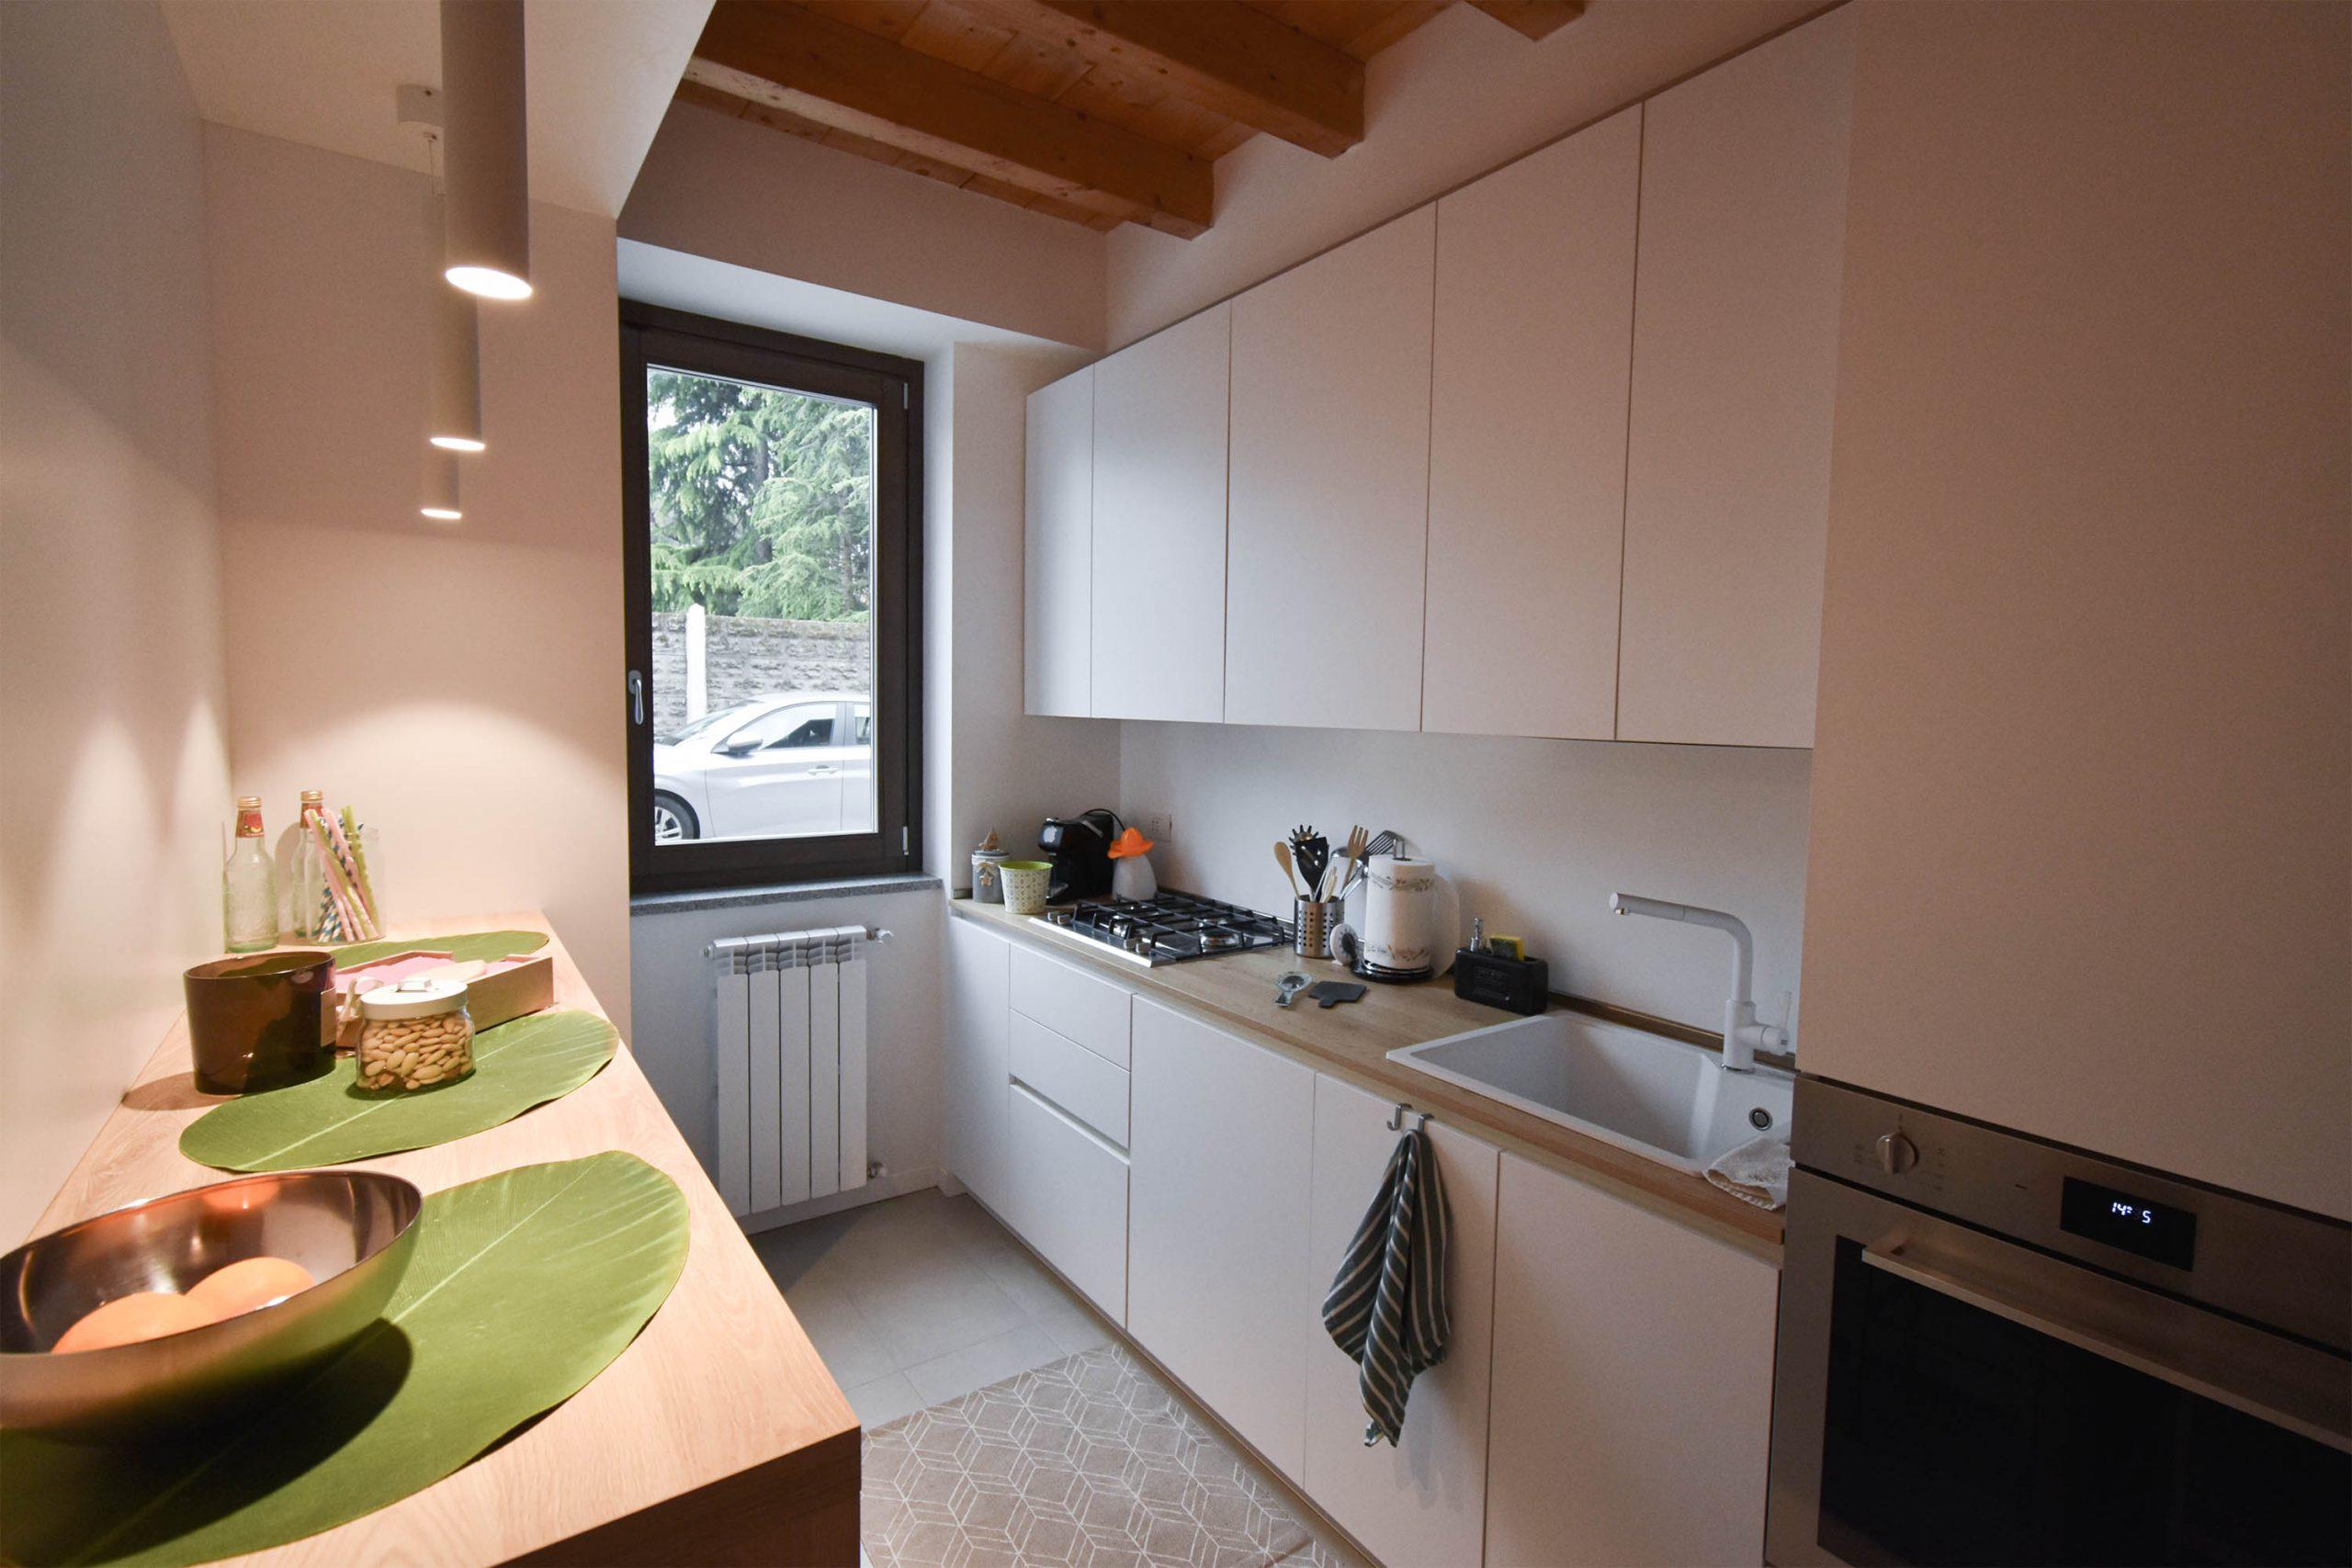 casa EM scandivano stile interior design (7)